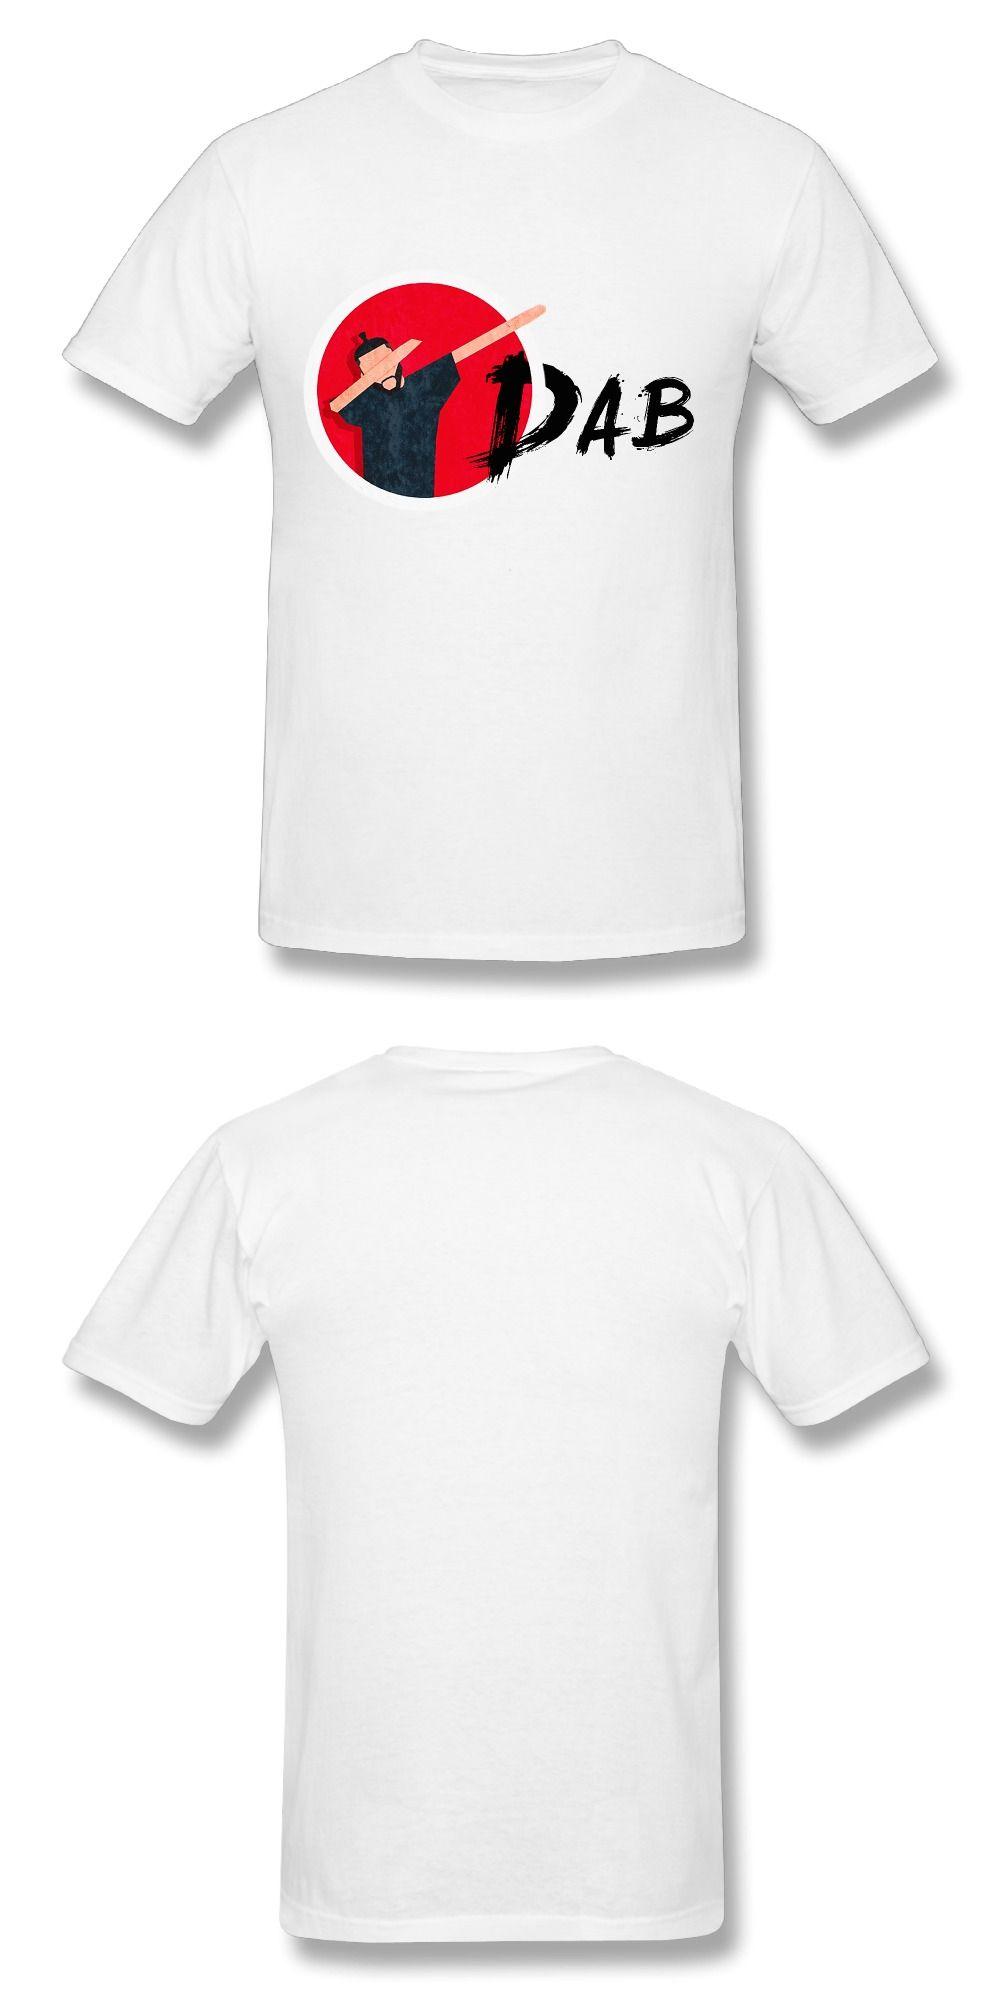 9bd327794 Men T Shirt 3D Men Japanese Dab Dance T-shirt Workout Novelty Men Shirt  Tshirts